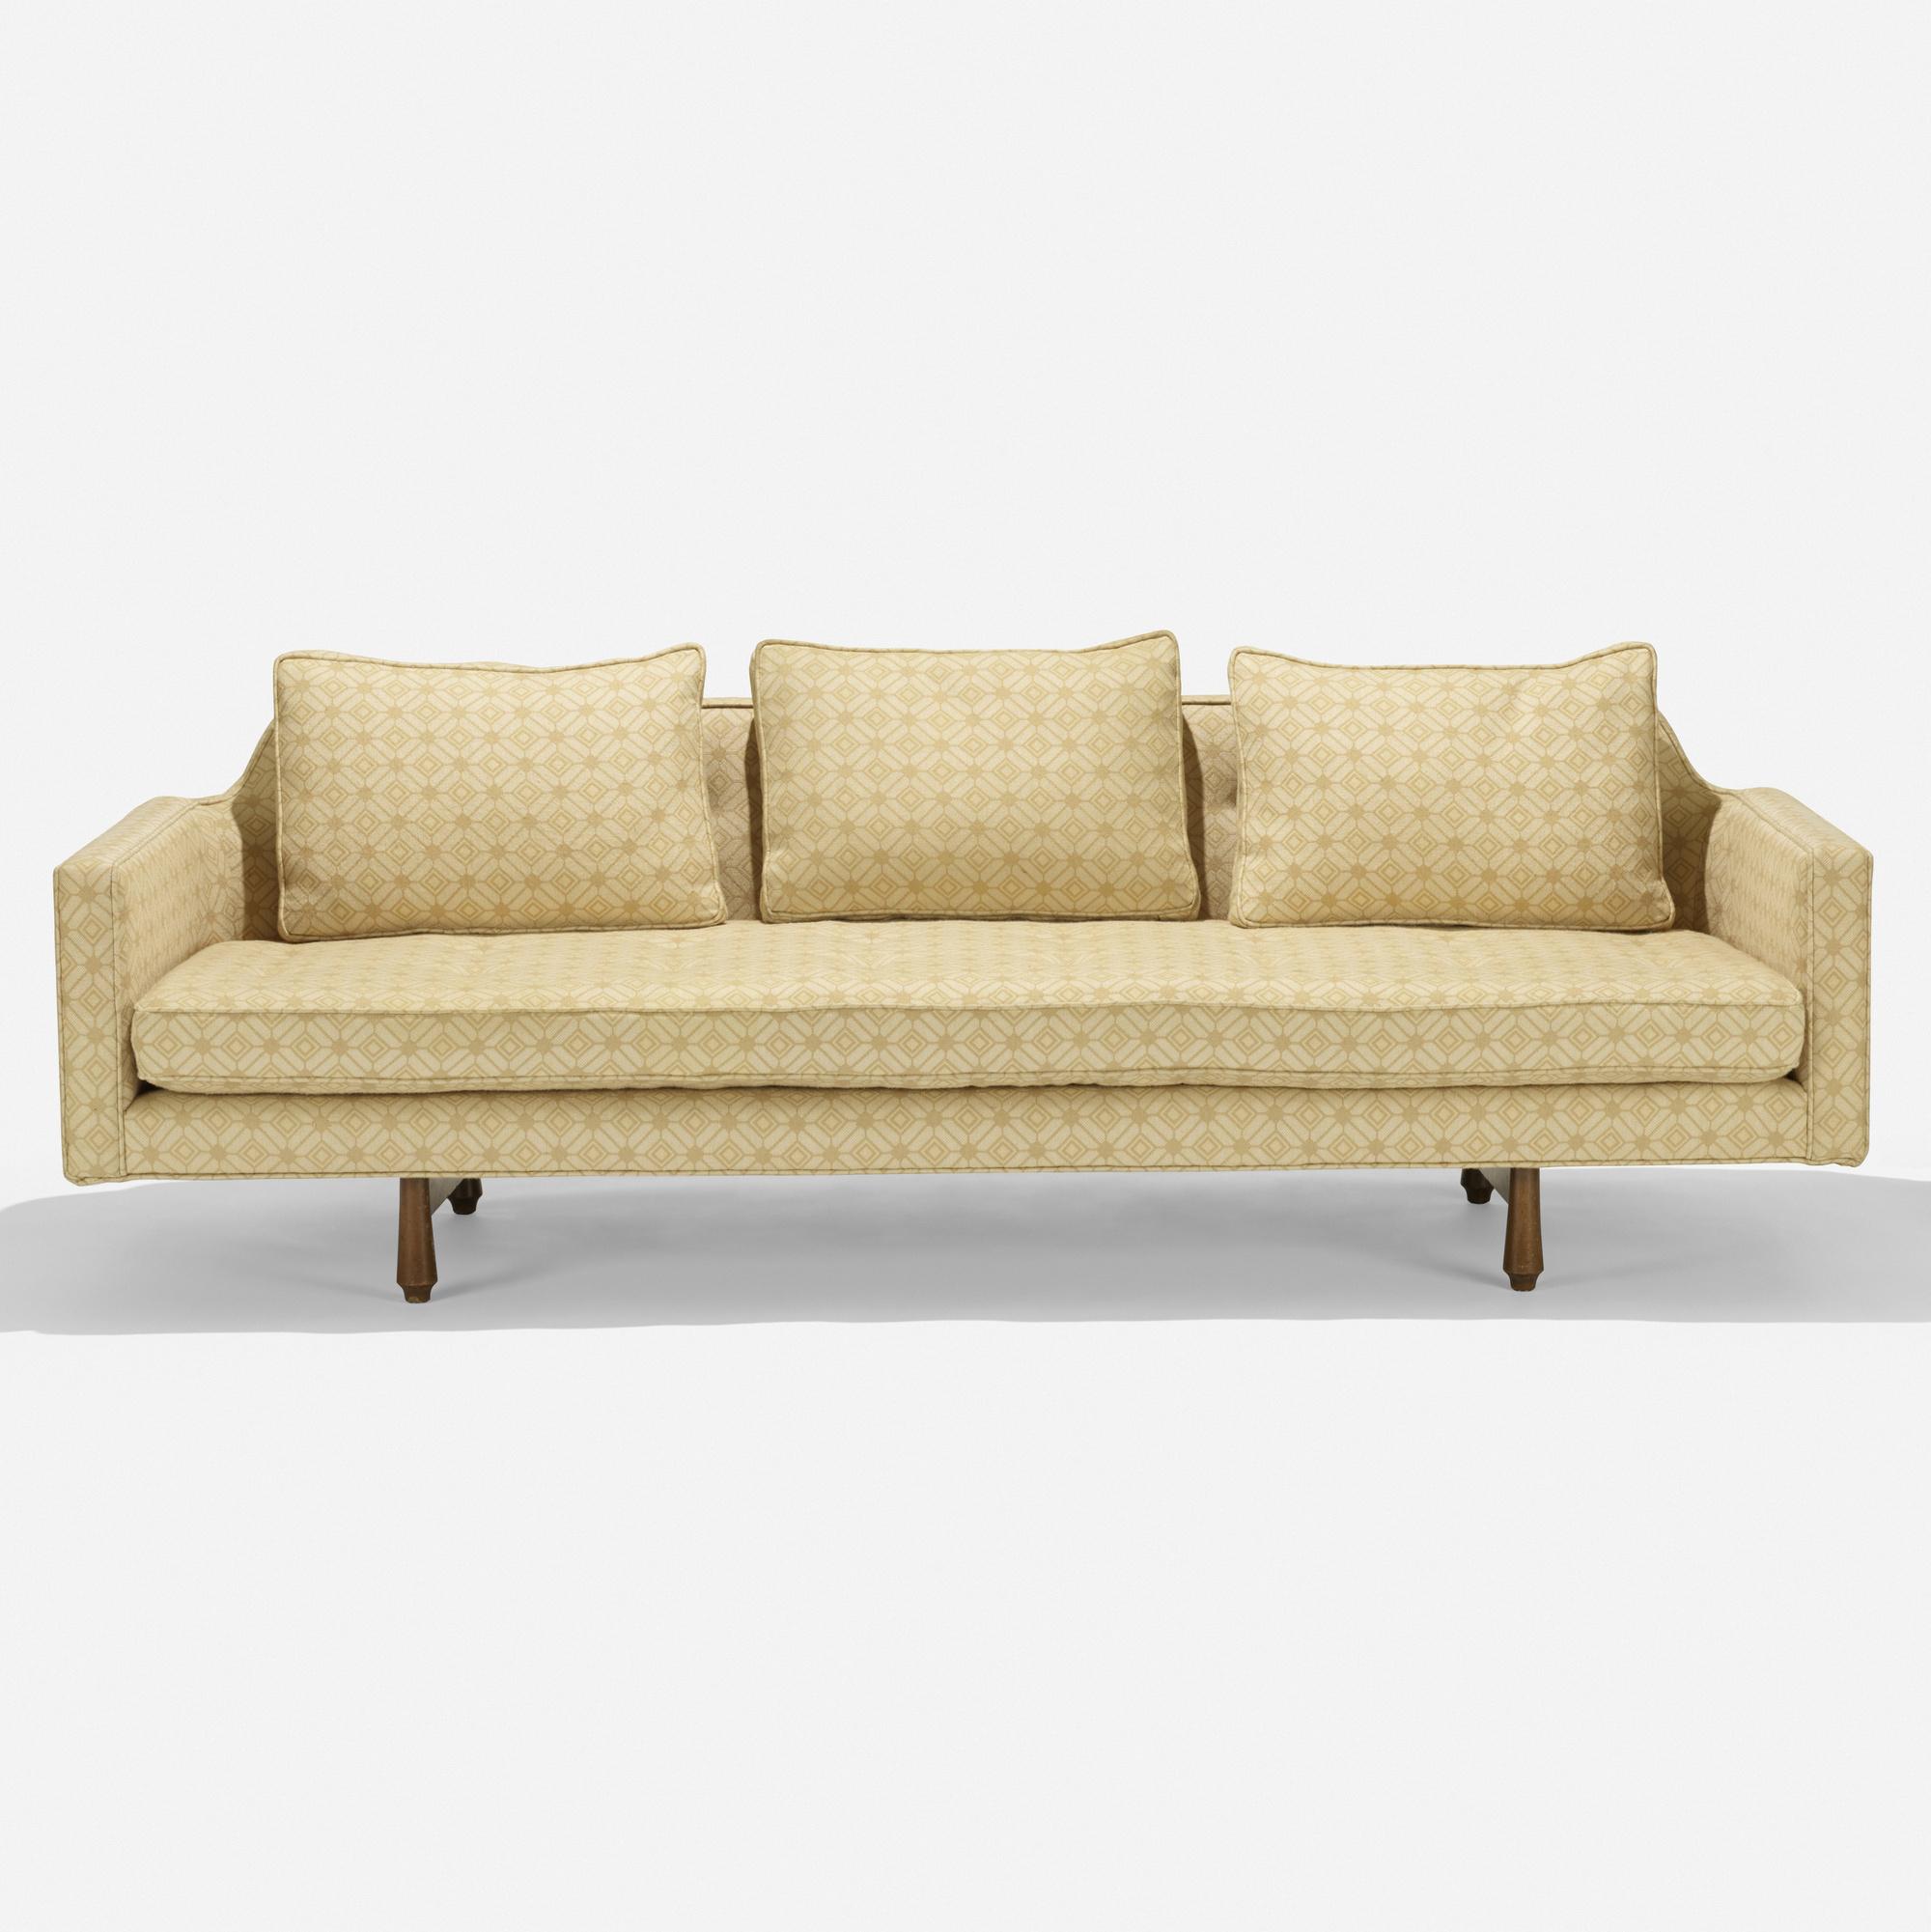 282 Edward Wormley Sofa Model 495 American Design 21